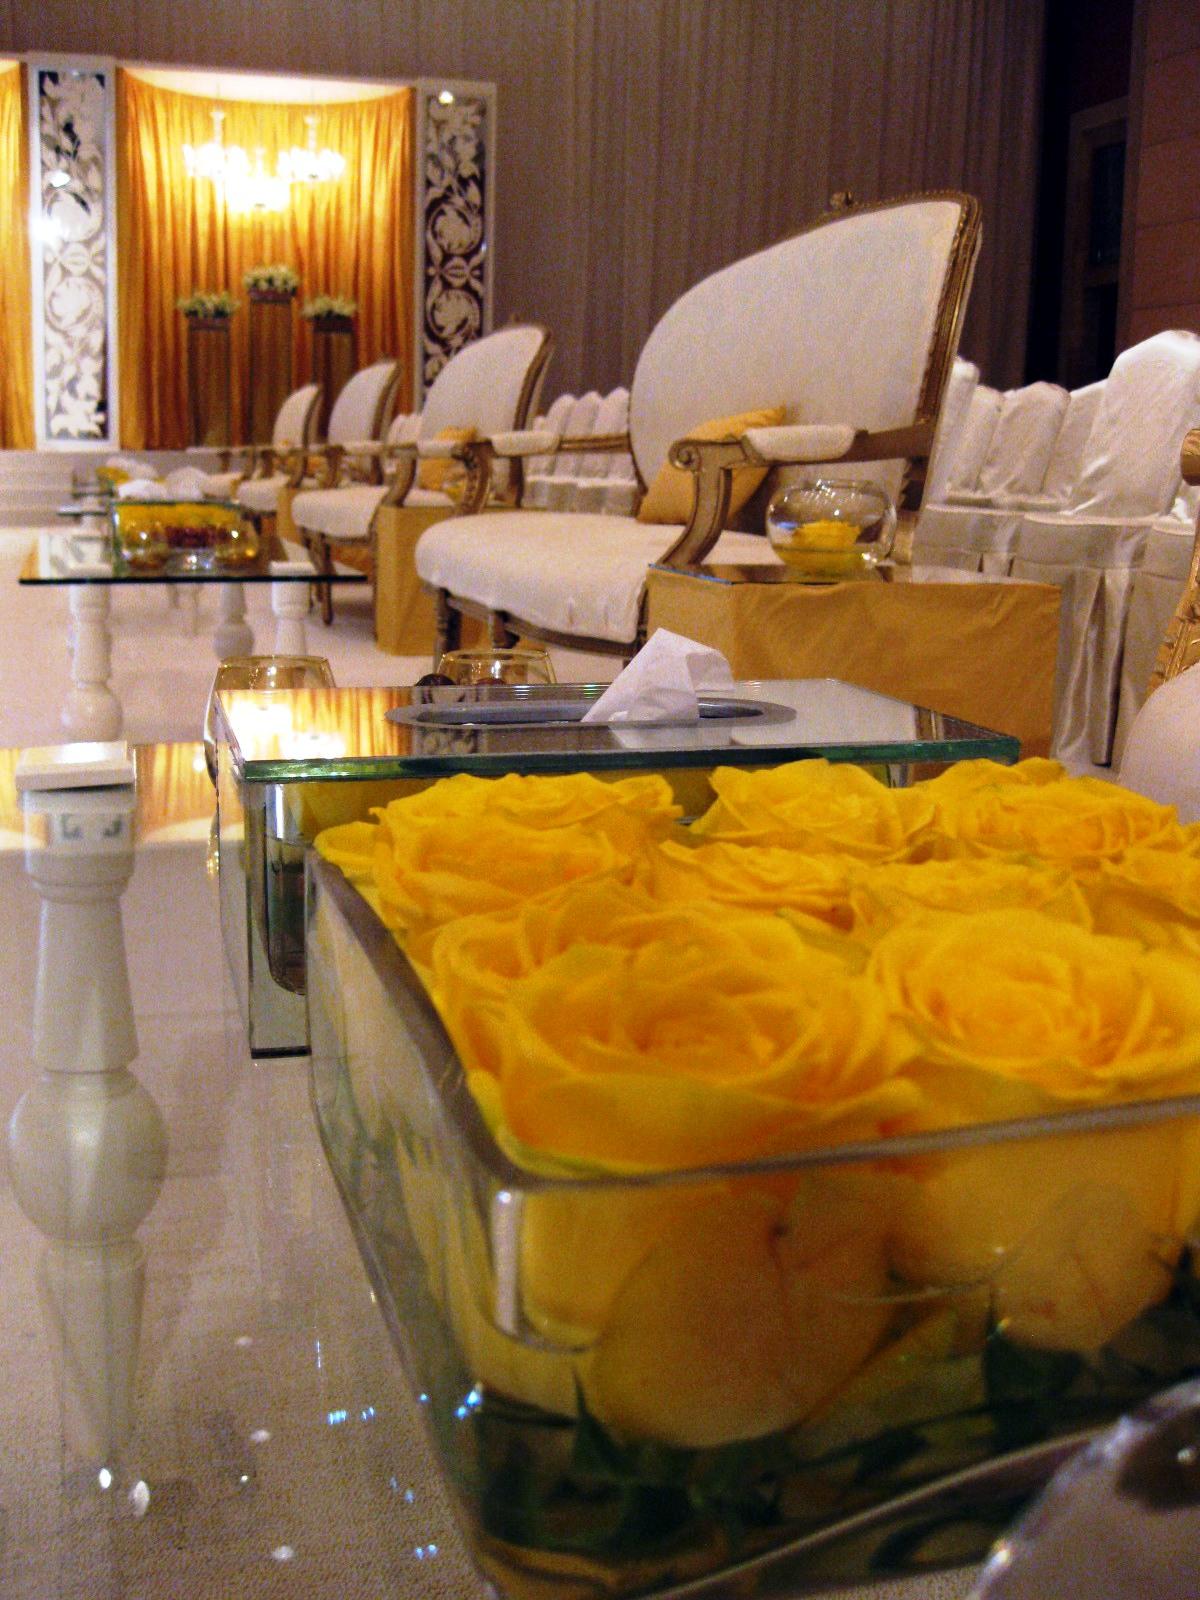 yellow wedding- classic style